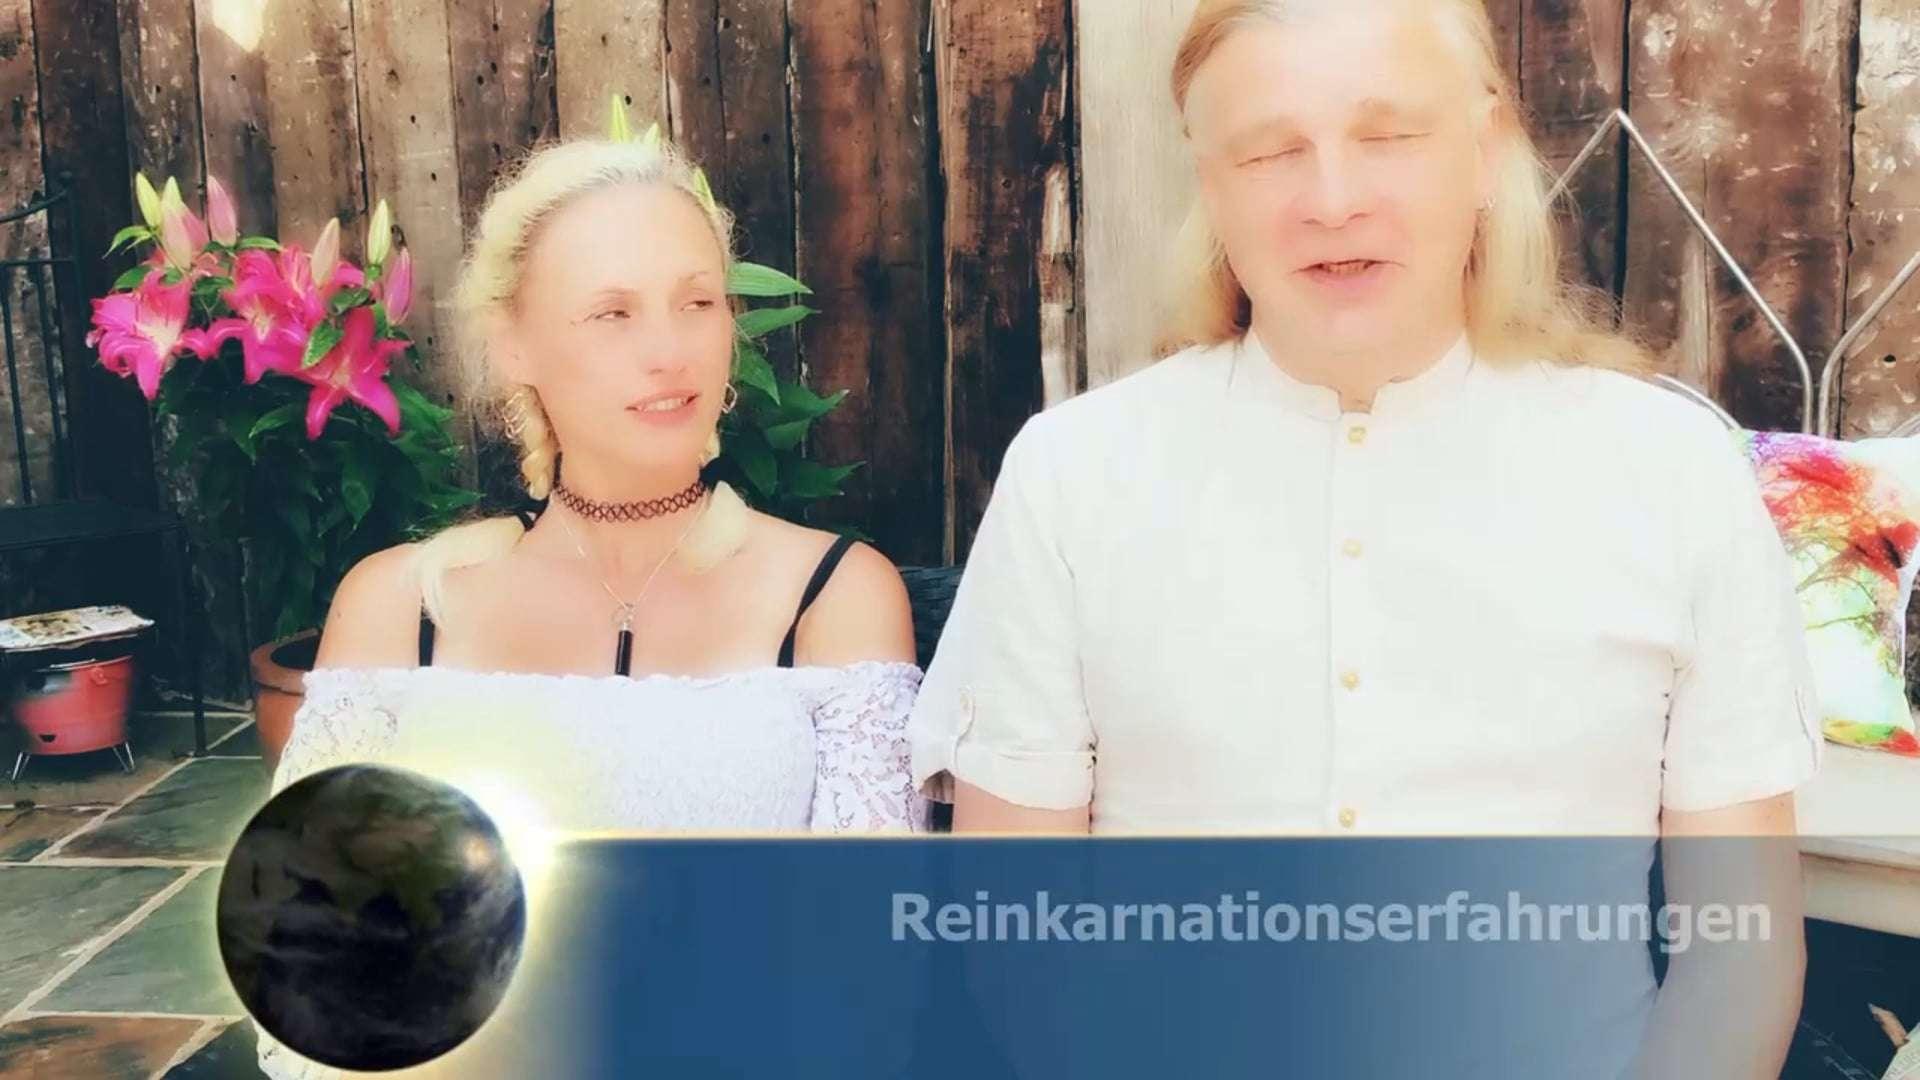 Reinkarnationserinnerungen